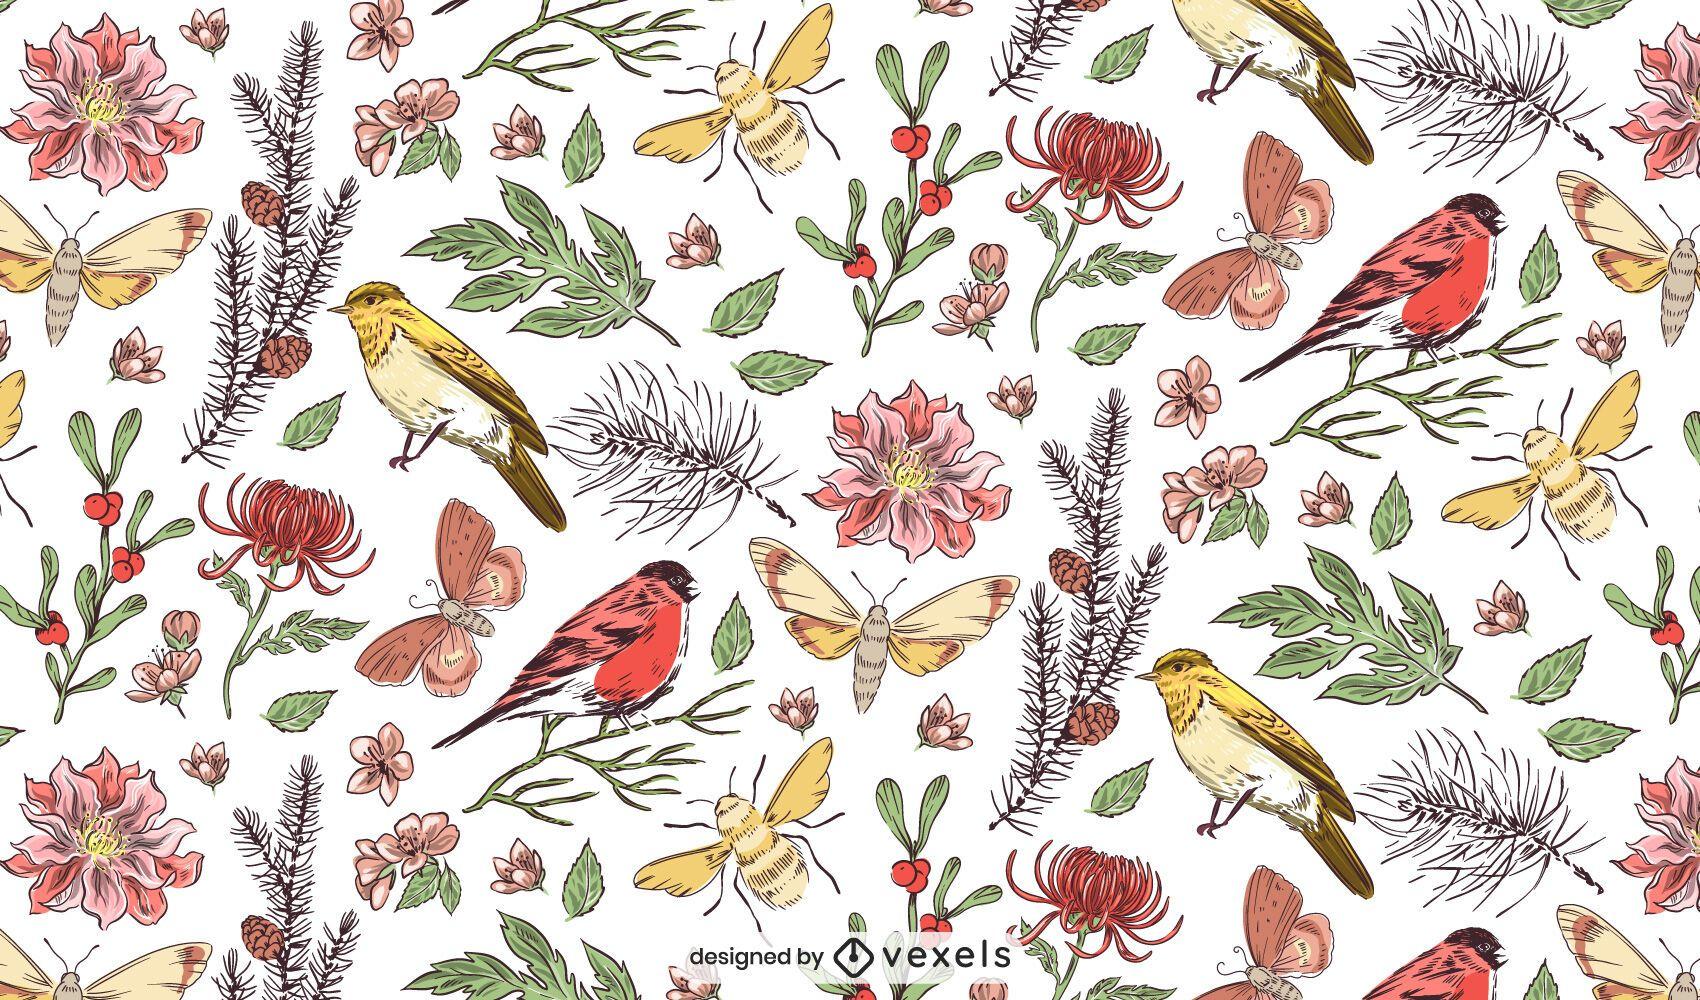 Botanical pattern design